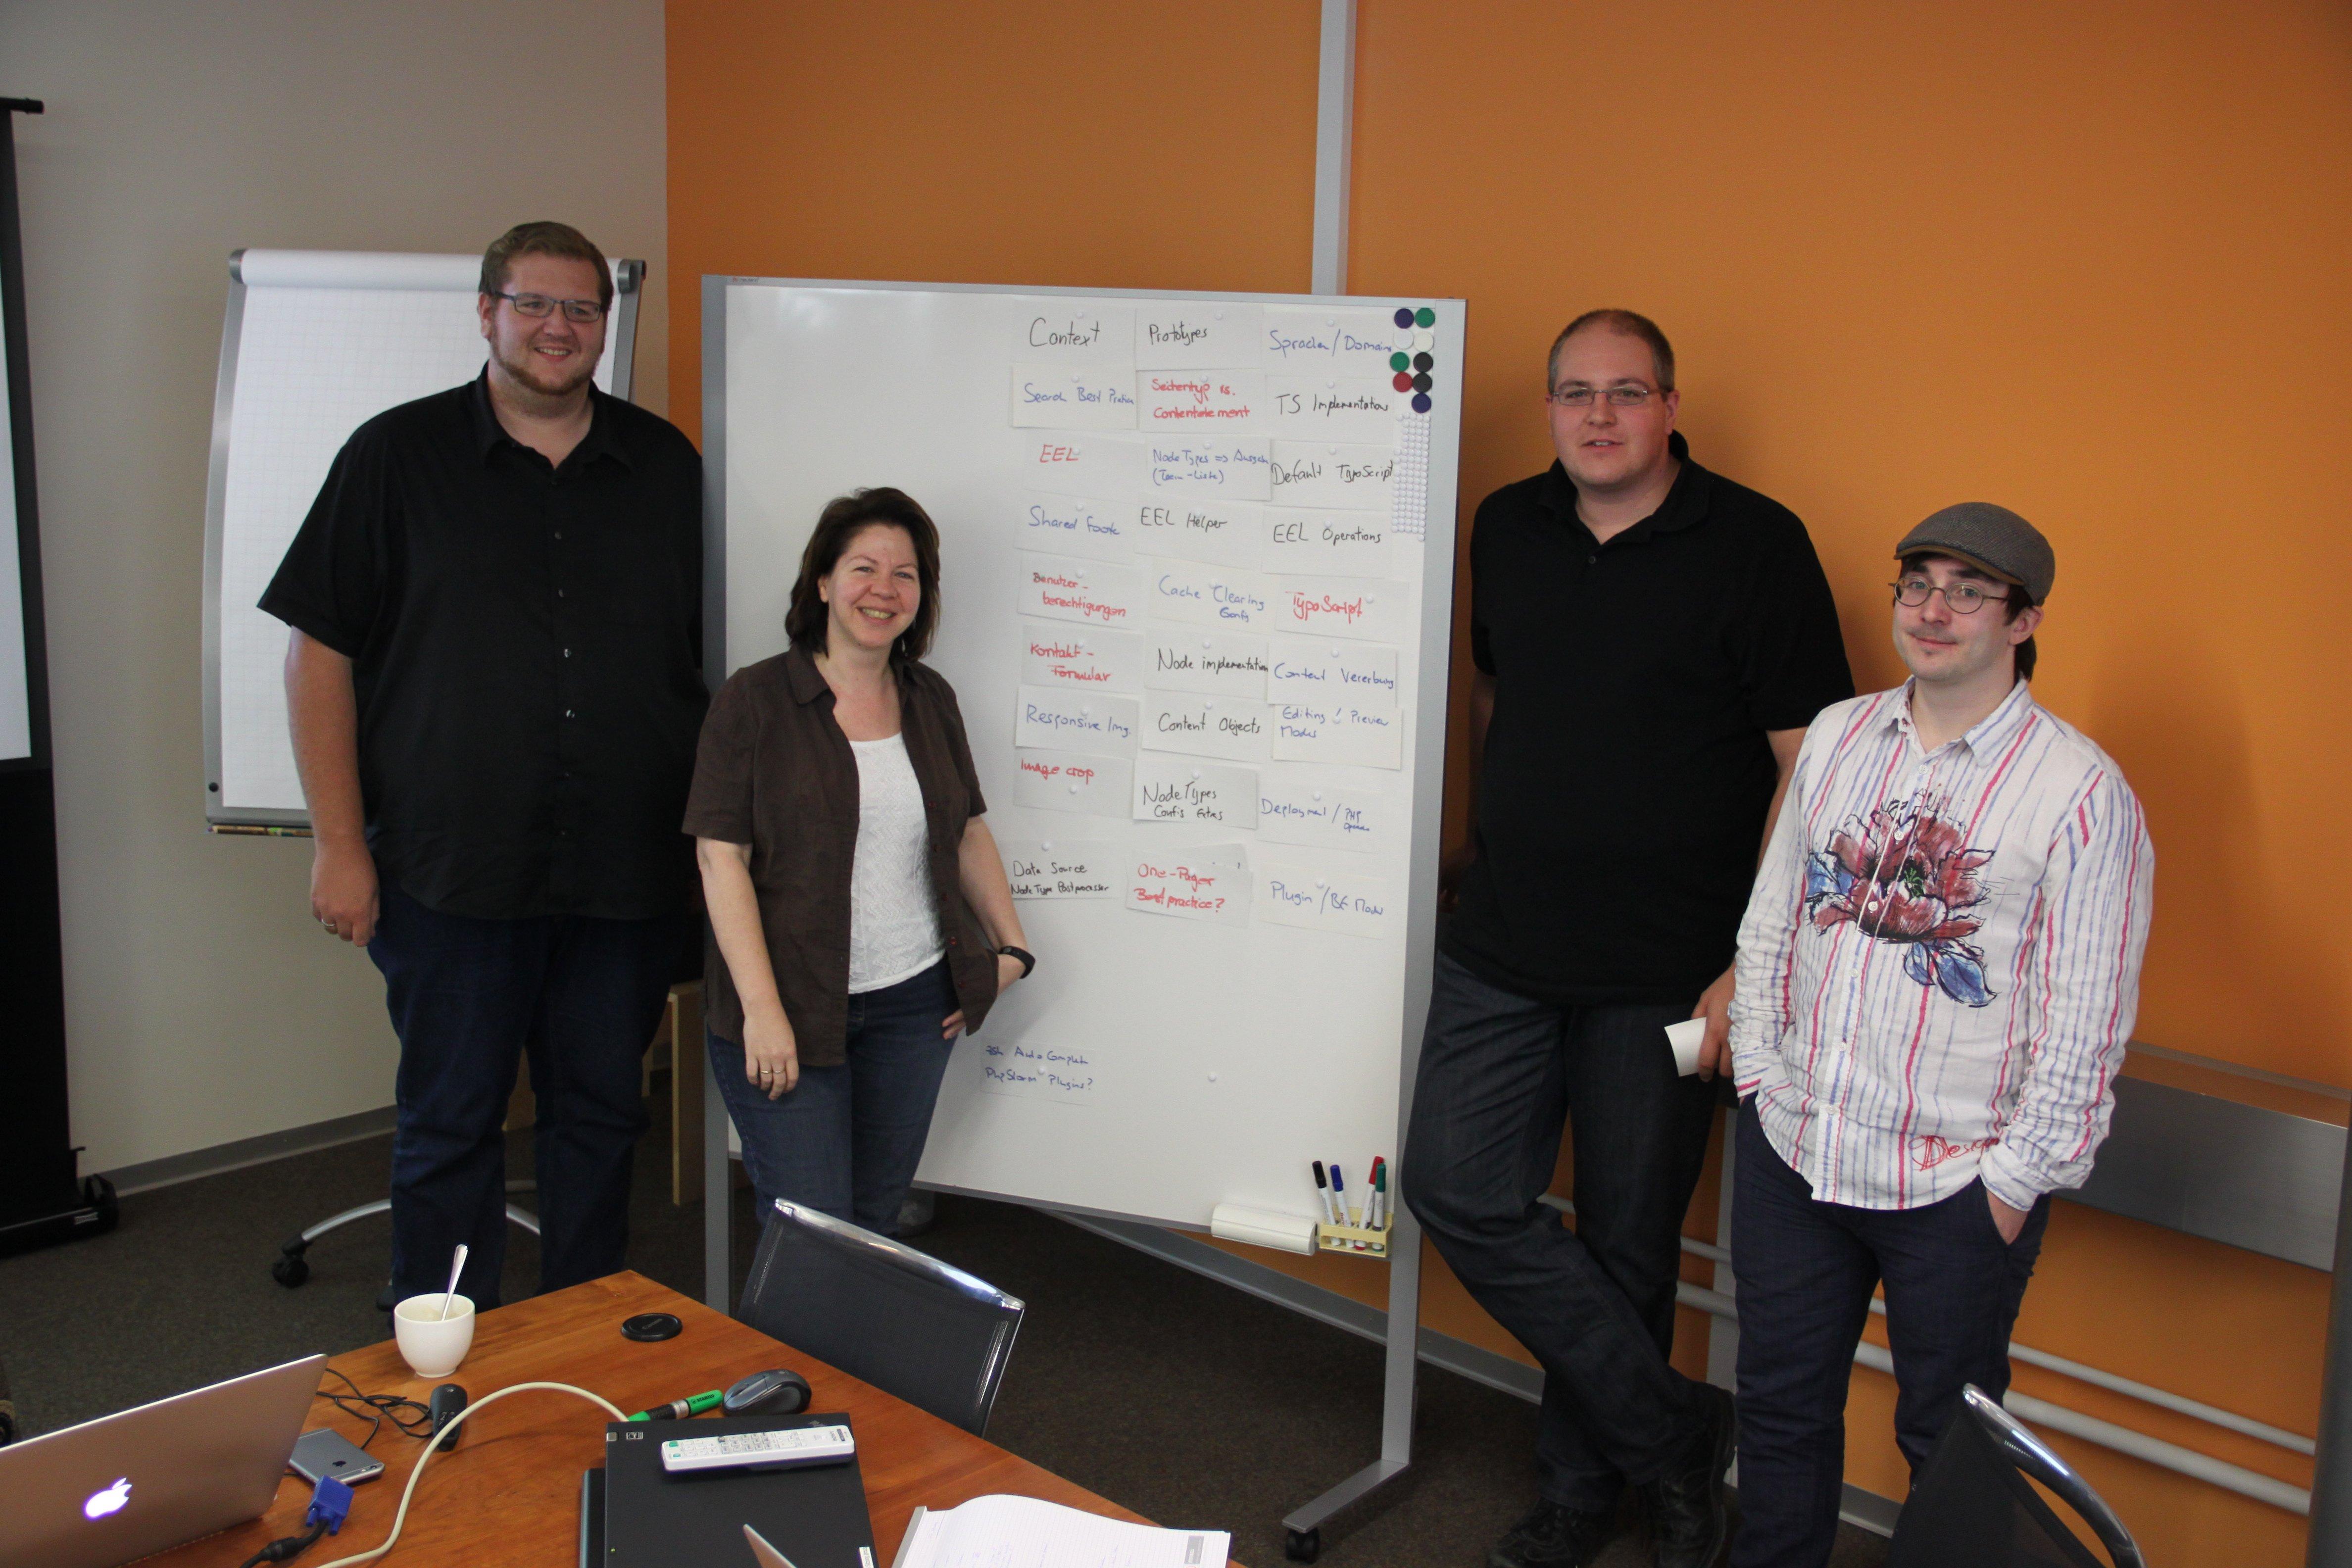 Die Teilnehmer der internen Neos-Schulung mit dem Whiteboard mit den behandelten Themen.